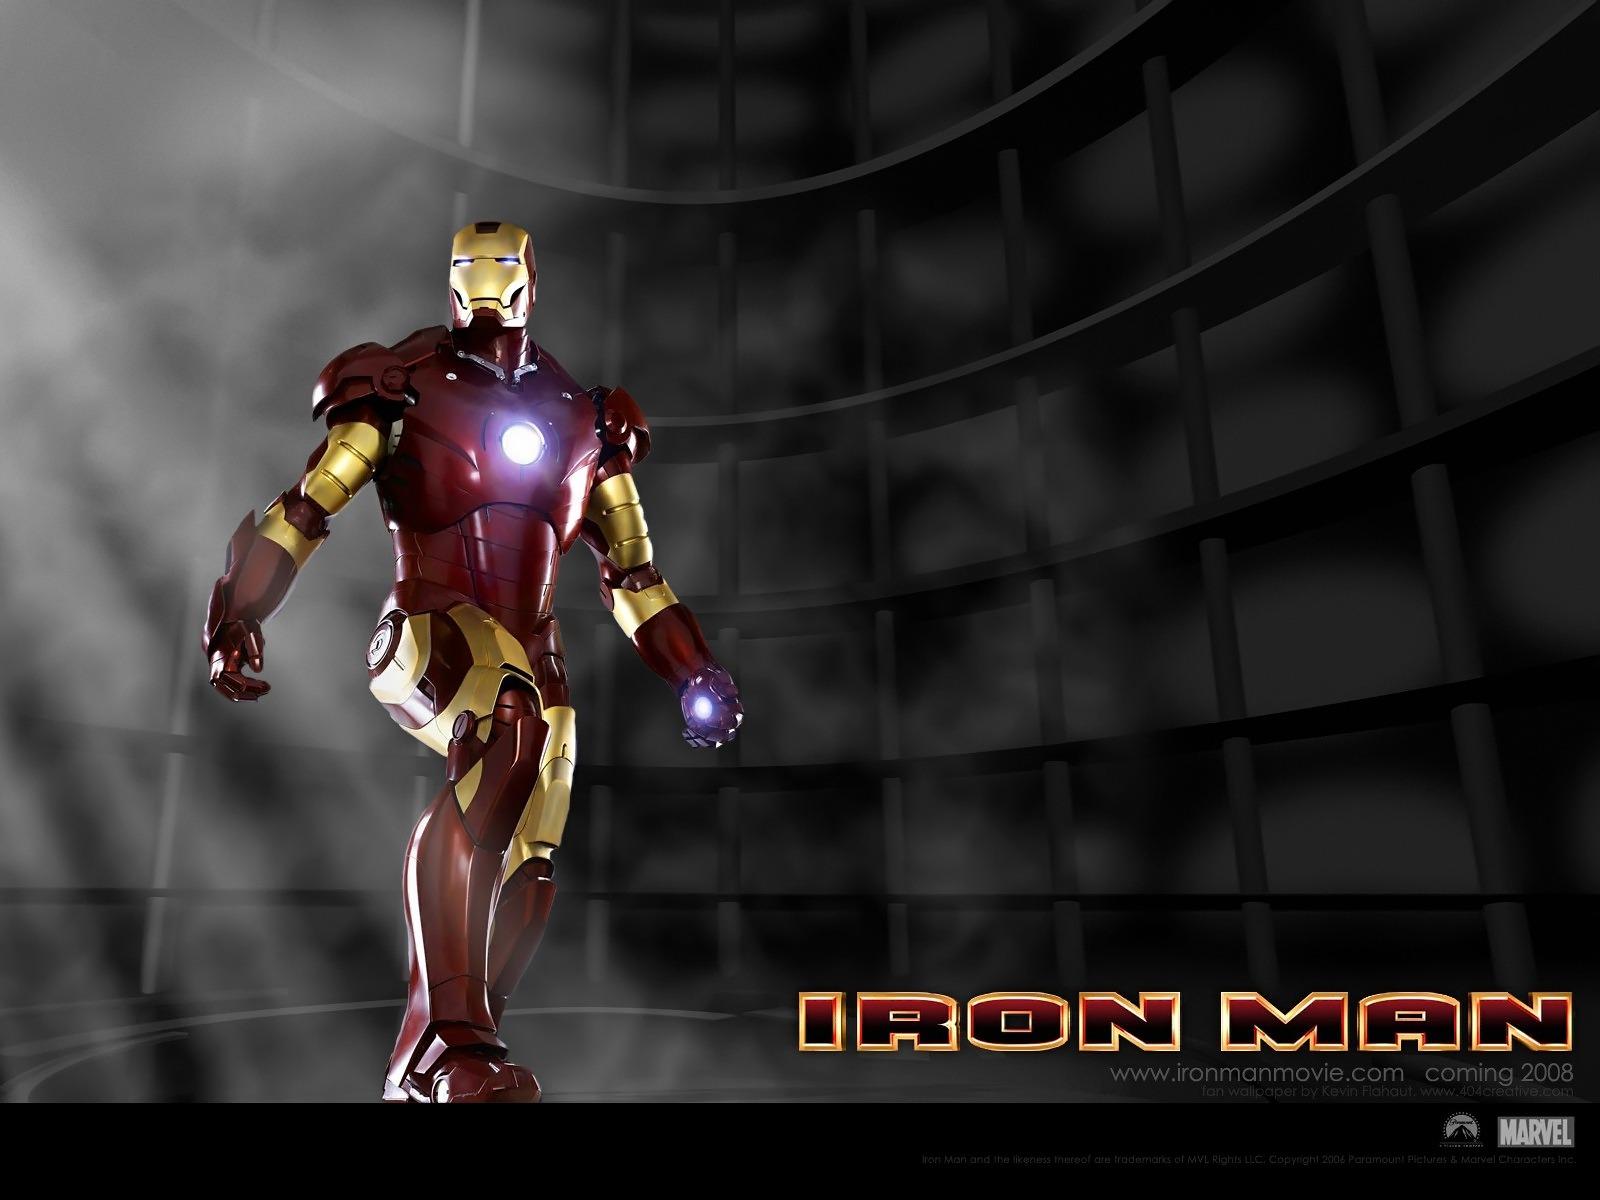 Wonderful Wallpaper Macbook Iron Man - iron_man_wallpaper_iron_man_movies_883  2018_955617.jpg